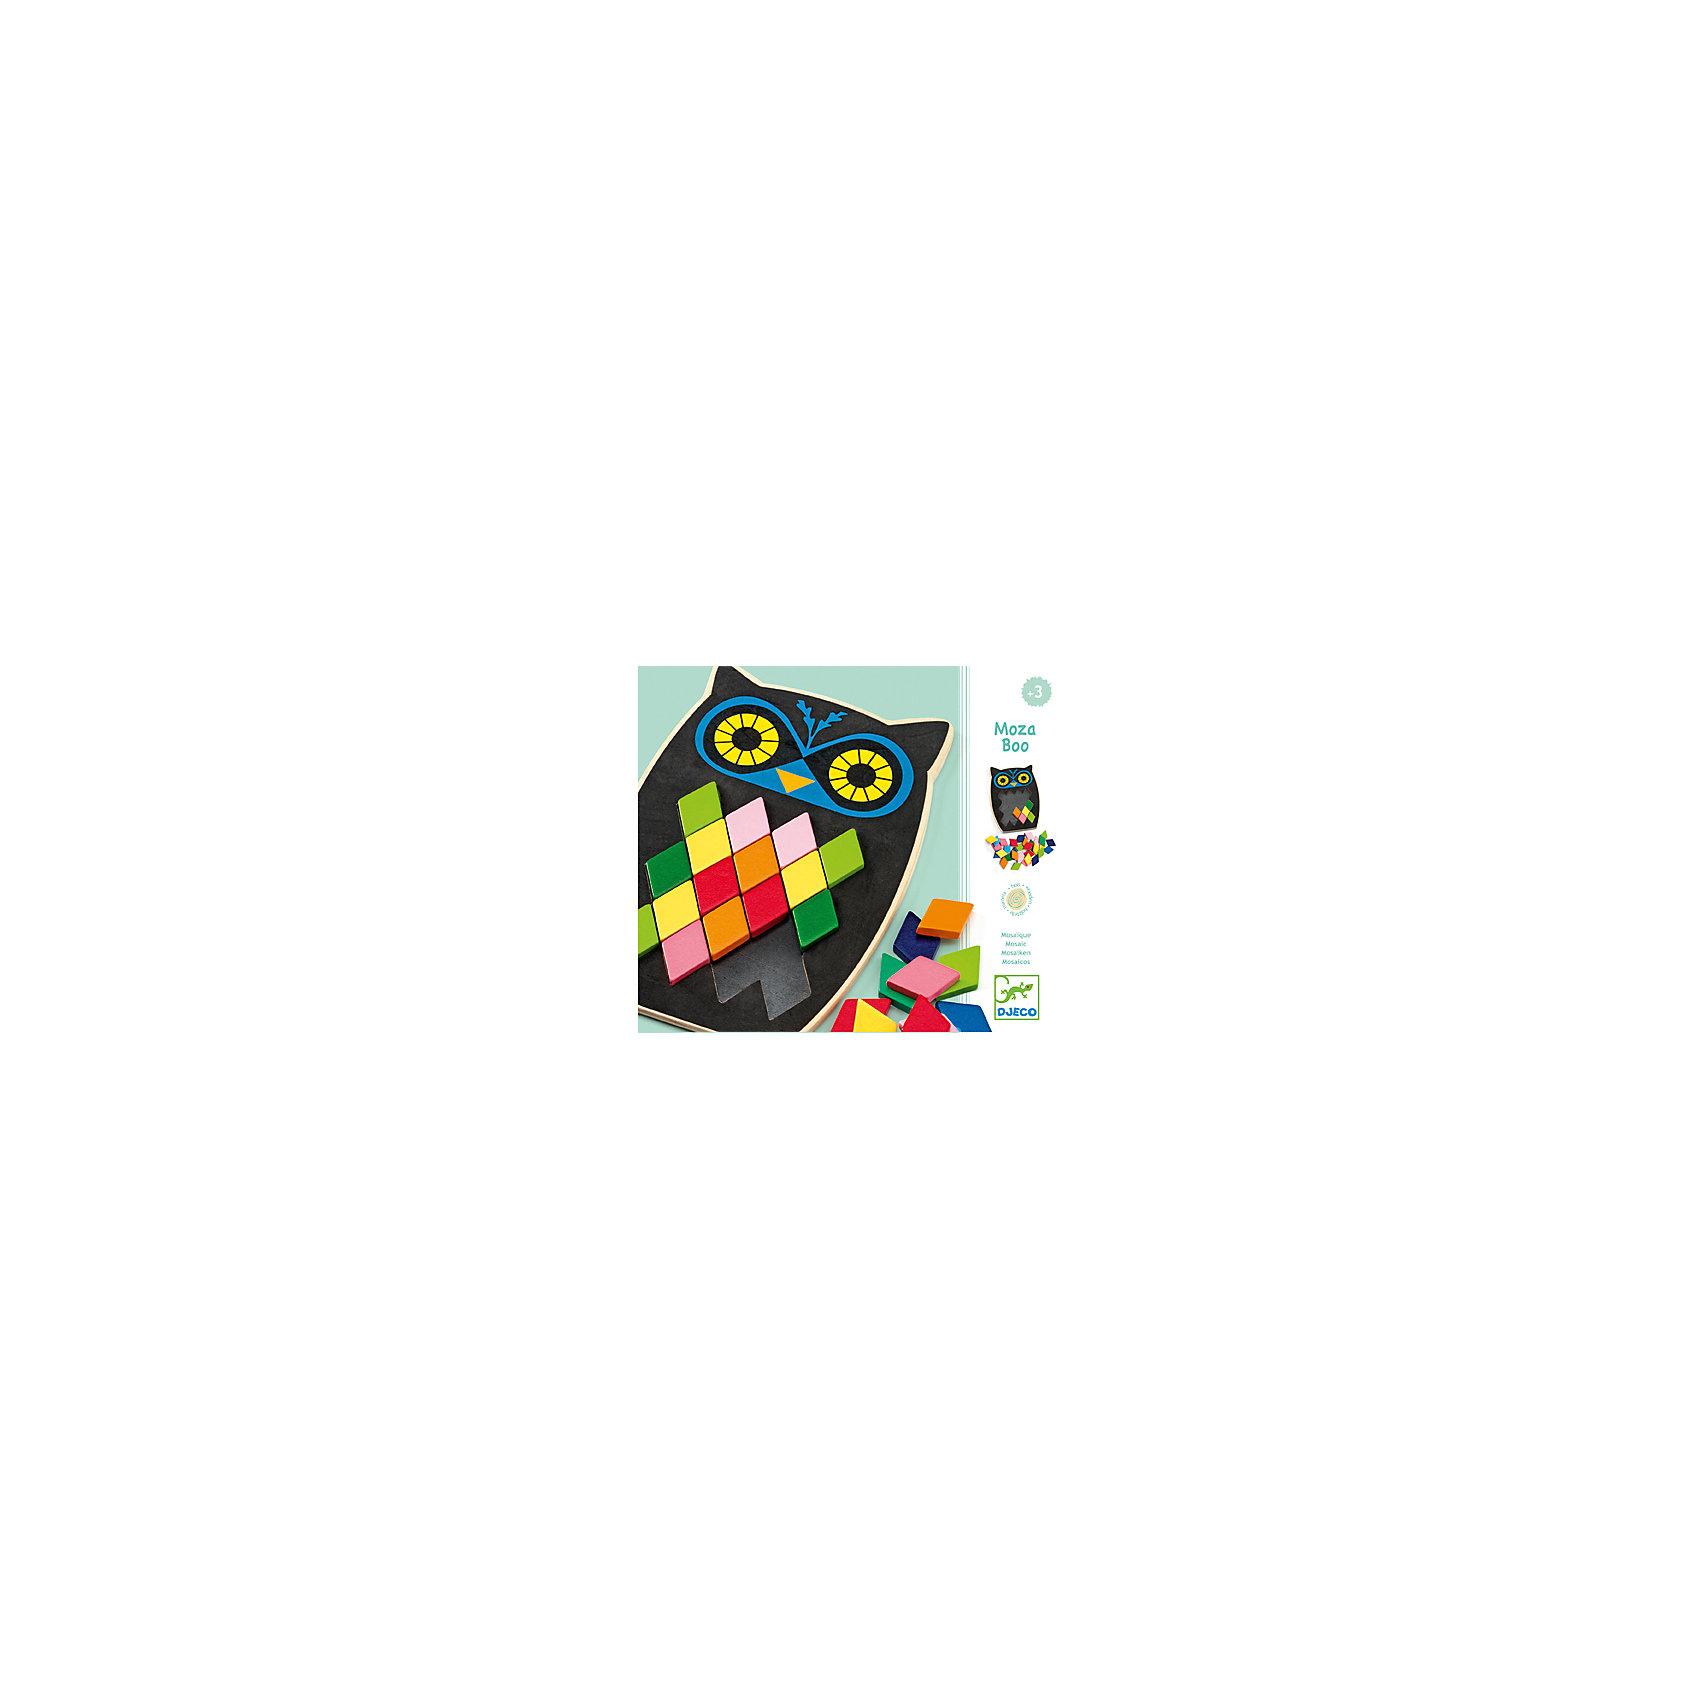 Мозаика Сова, DJECOМозаика Сова, Djeco (Джеко) - красочная развивающая игра для самых маленьких. В комплект входит деревянная фигурка забавой совы и разноцветные детали-ромбики на магнитах. Малышу предлагается заполнить туловище совы с пустыми ячейками узором из ромбиков. Он может следовать инструкциям на карточках с заданиями или придумывать свои цветовые сочетания. Все детали изготовлены из высококачественных материалов и покрыты безопасными красками. Игра развивает творческое воображение, пространственное мышление и фантазию, тренирует<br>мелкую моторику.<br><br>Дополнительная информация:<br><br>- В комплекте: основа-сова, 10 карточек с заданиями, 57 маленьких разноцветных ромбов.<br>- Материал: дерево.<br>- Размер упаковки: 13,5 x 20 x 6 см.<br><br>Мозаику Сова, Djeco (Джеко), можно купить в нашем интернет-магазине.<br><br>Ширина мм: 190<br>Глубина мм: 280<br>Высота мм: 10<br>Вес г: 50<br>Возраст от месяцев: 36<br>Возраст до месяцев: 84<br>Пол: Унисекс<br>Возраст: Детский<br>SKU: 4215012